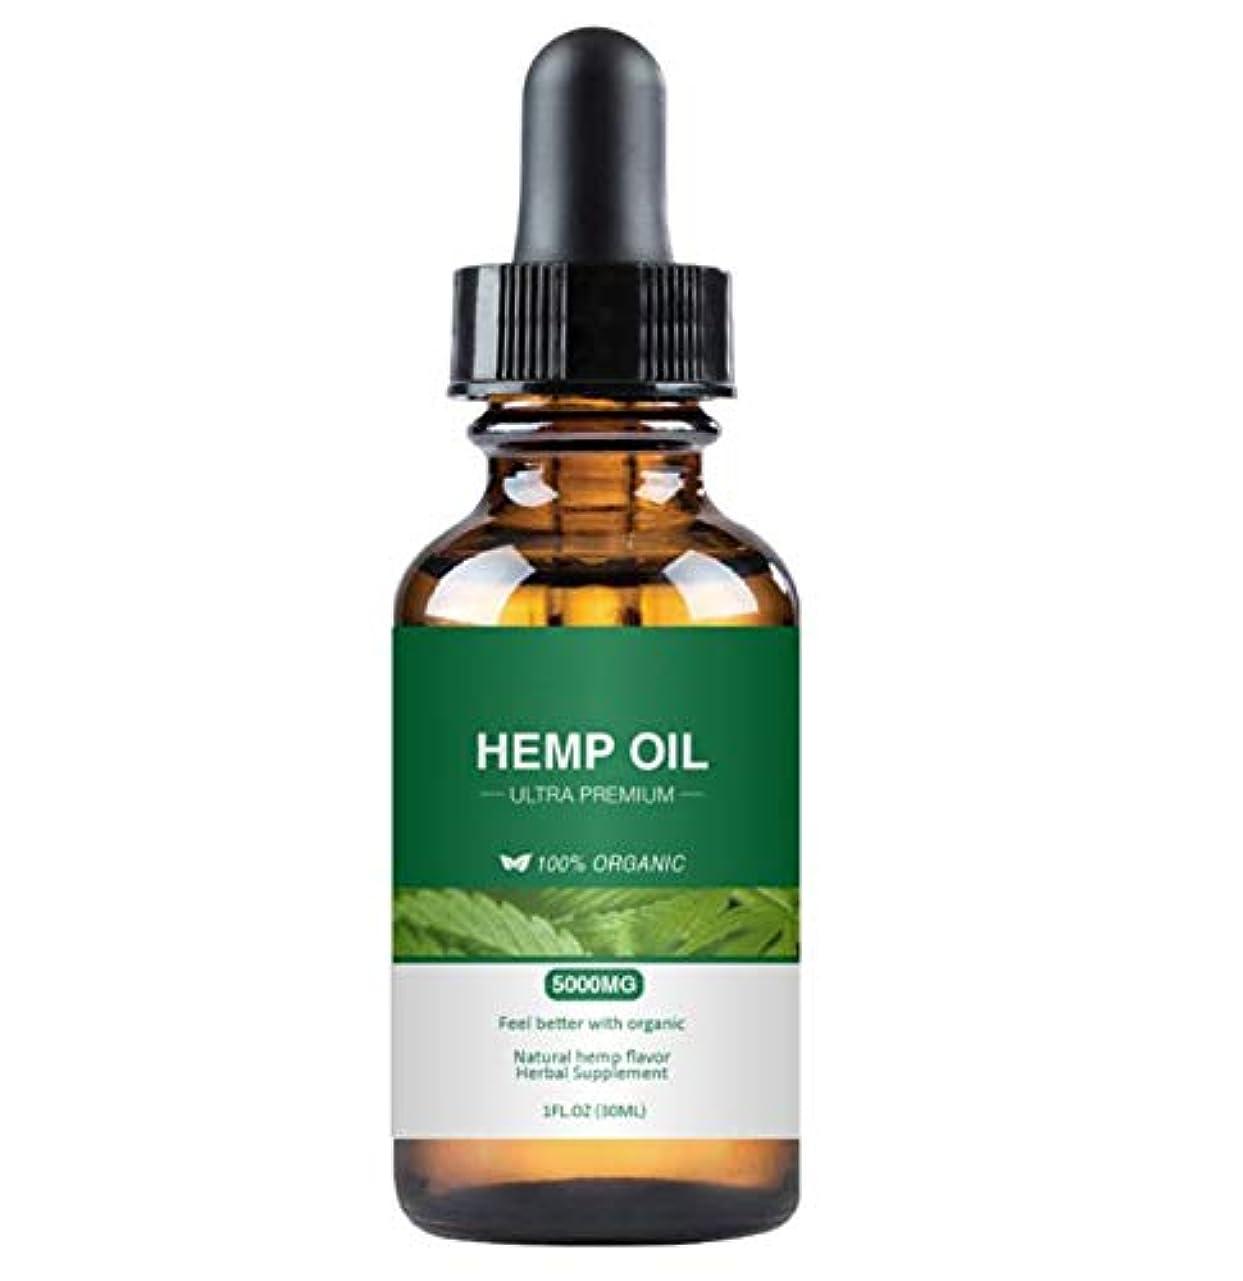 逆に年金受給者階下鎮痛のための有機麻オイル睡眠補助抗ストレス不安1000mg天然麻エキスが肌と髪に役立ちます (5000mg)